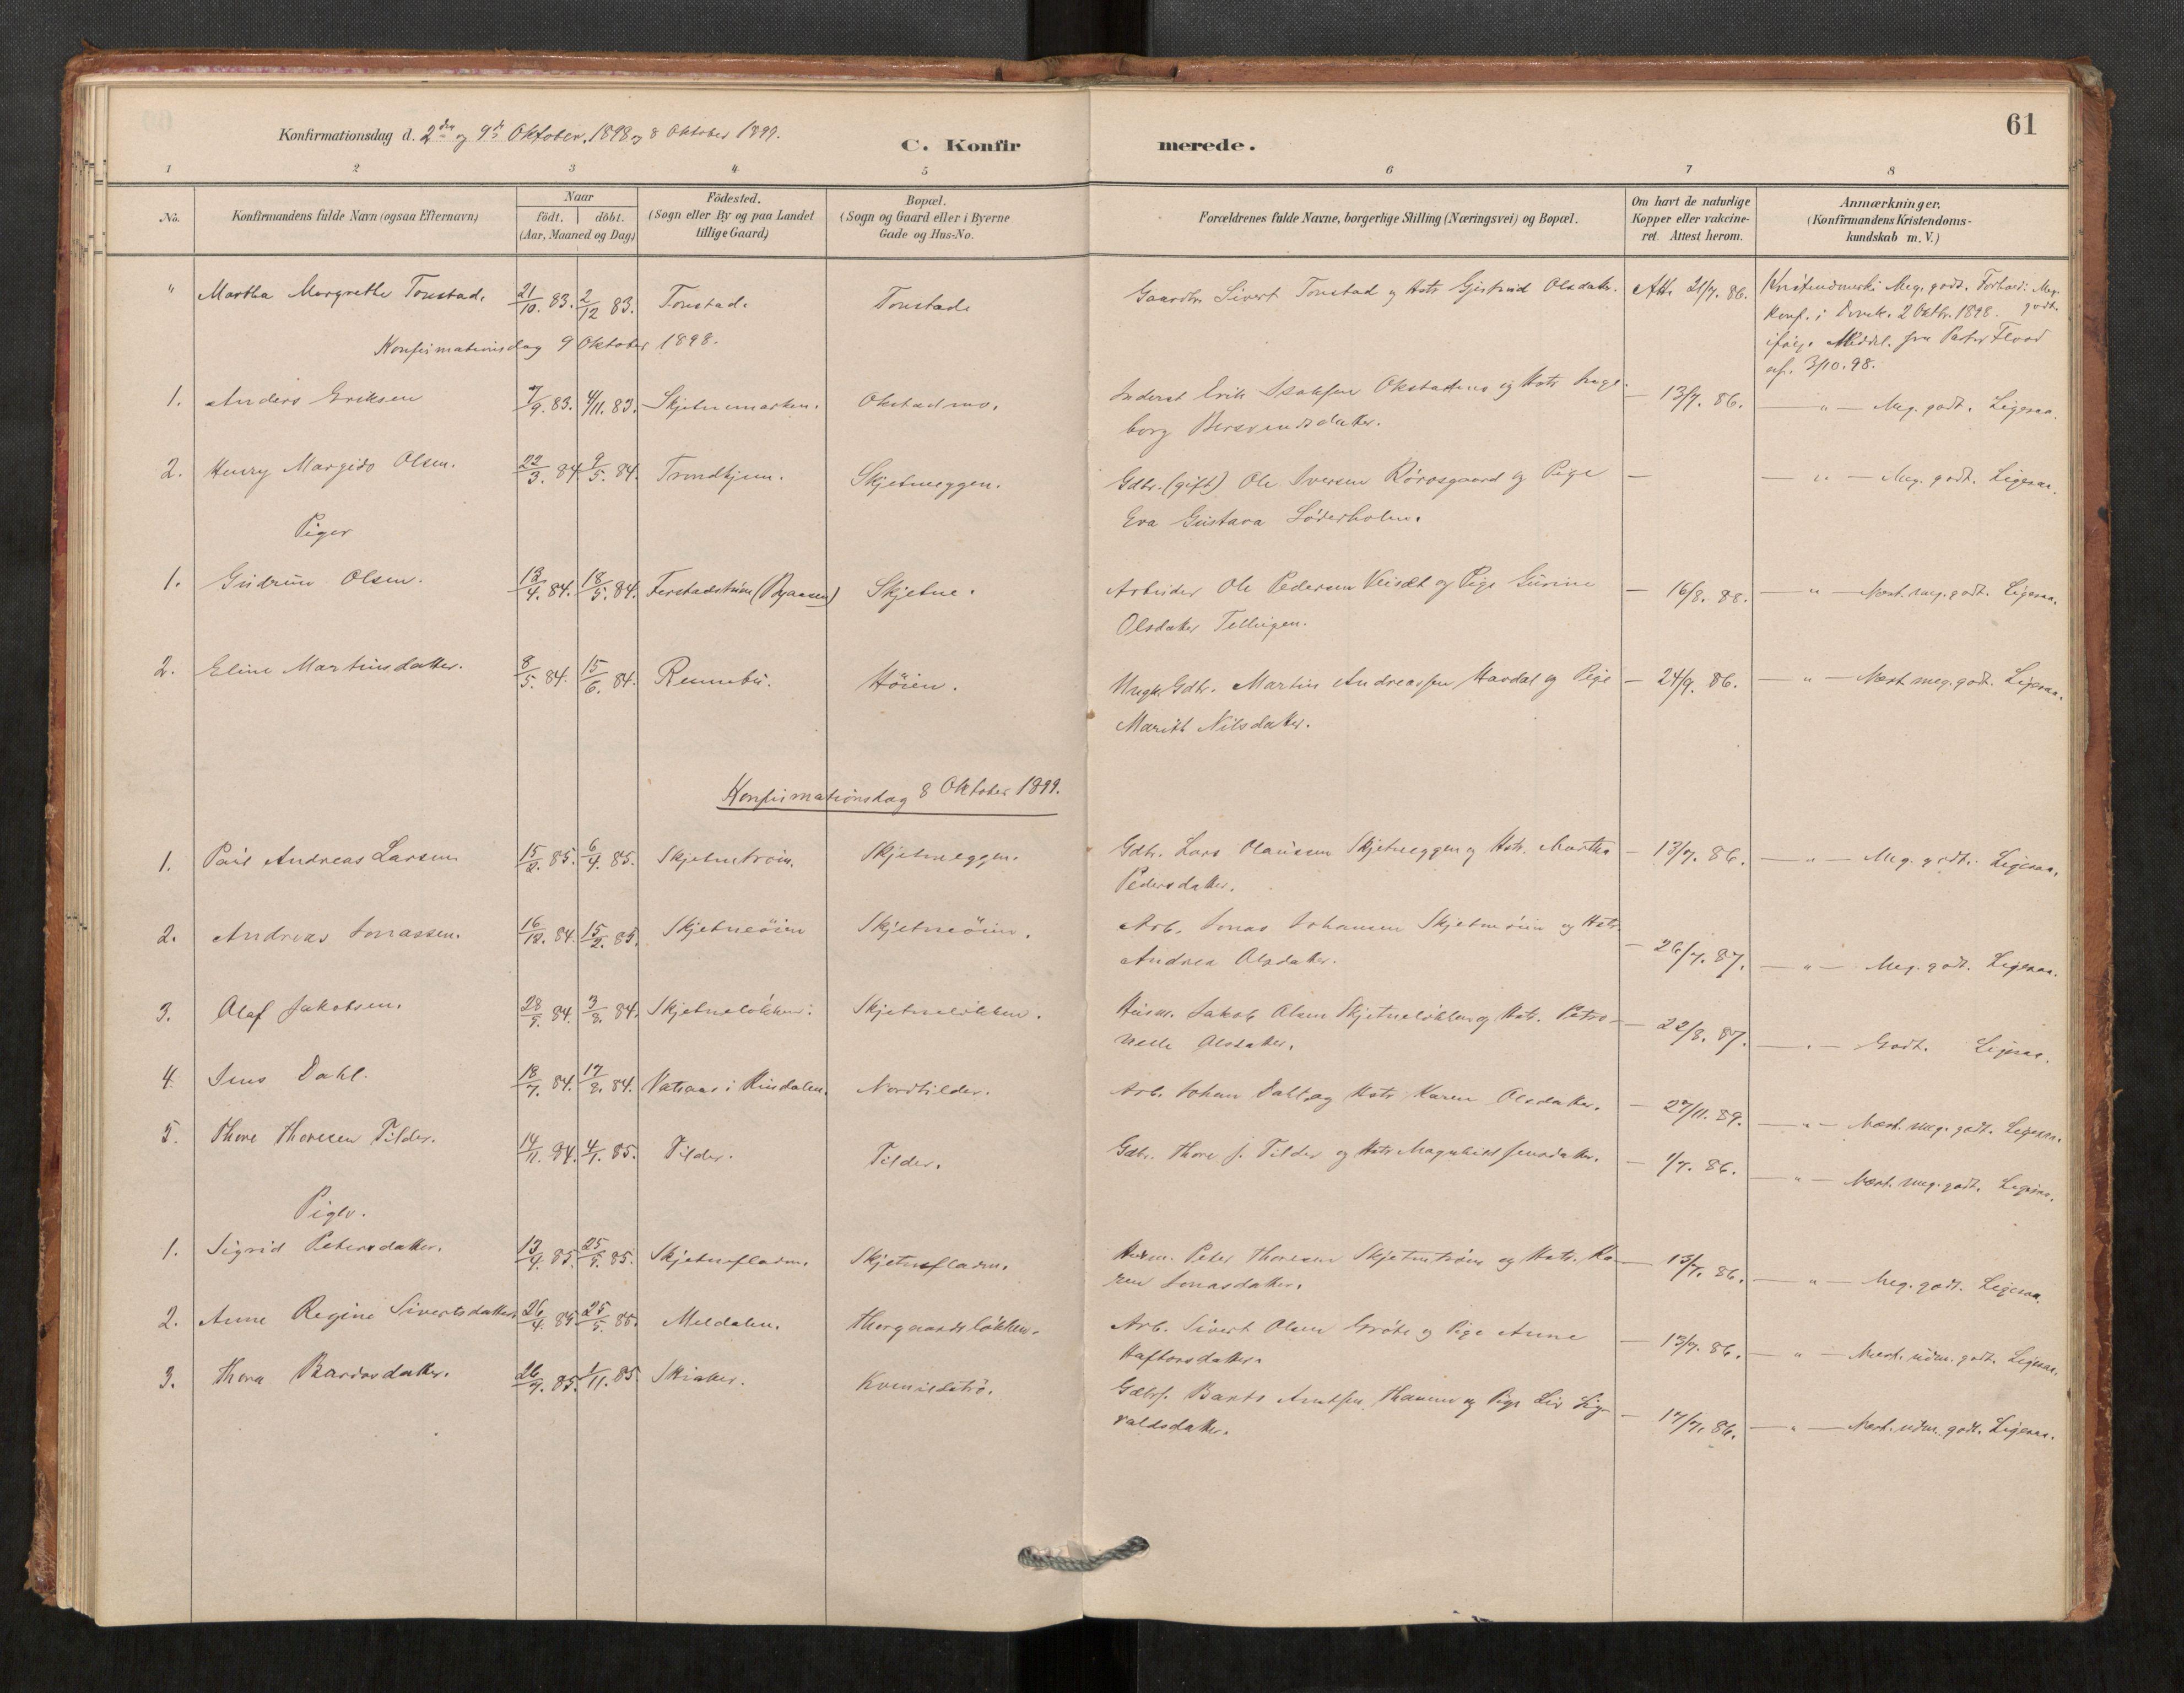 SAT, Klæbu sokneprestkontor, Parish register (official) no. 1, 1880-1900, p. 61